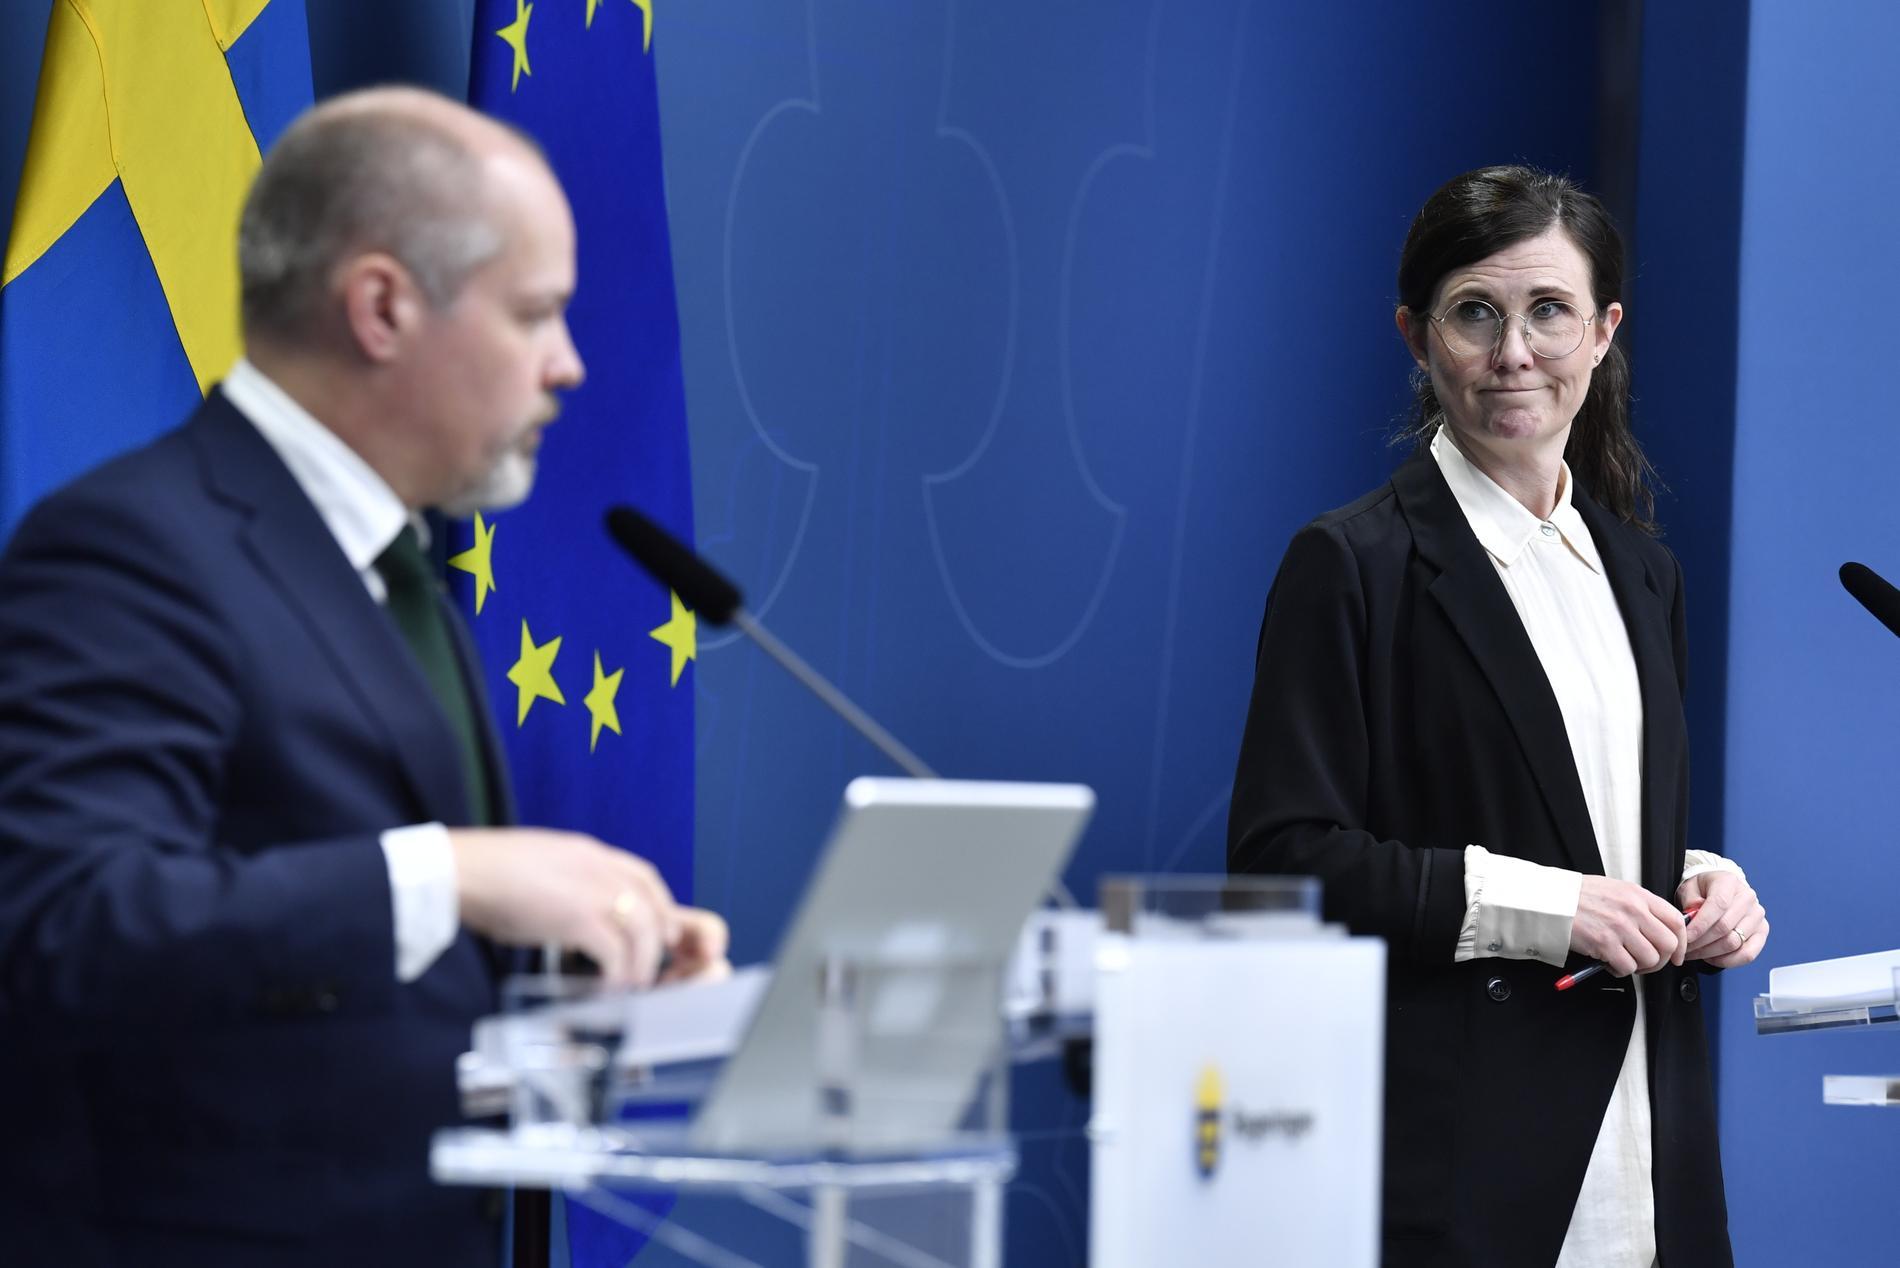 I en debattartikel i Aftonbladet skriver justitieminister Morgan Johansson (S) och jämställdhetsminister Märta Stenevi (MP) att ett lagförslag tas fram av regeringen där minimistraffet för grov kvinnofridskränkning skärps. Arkivbild.